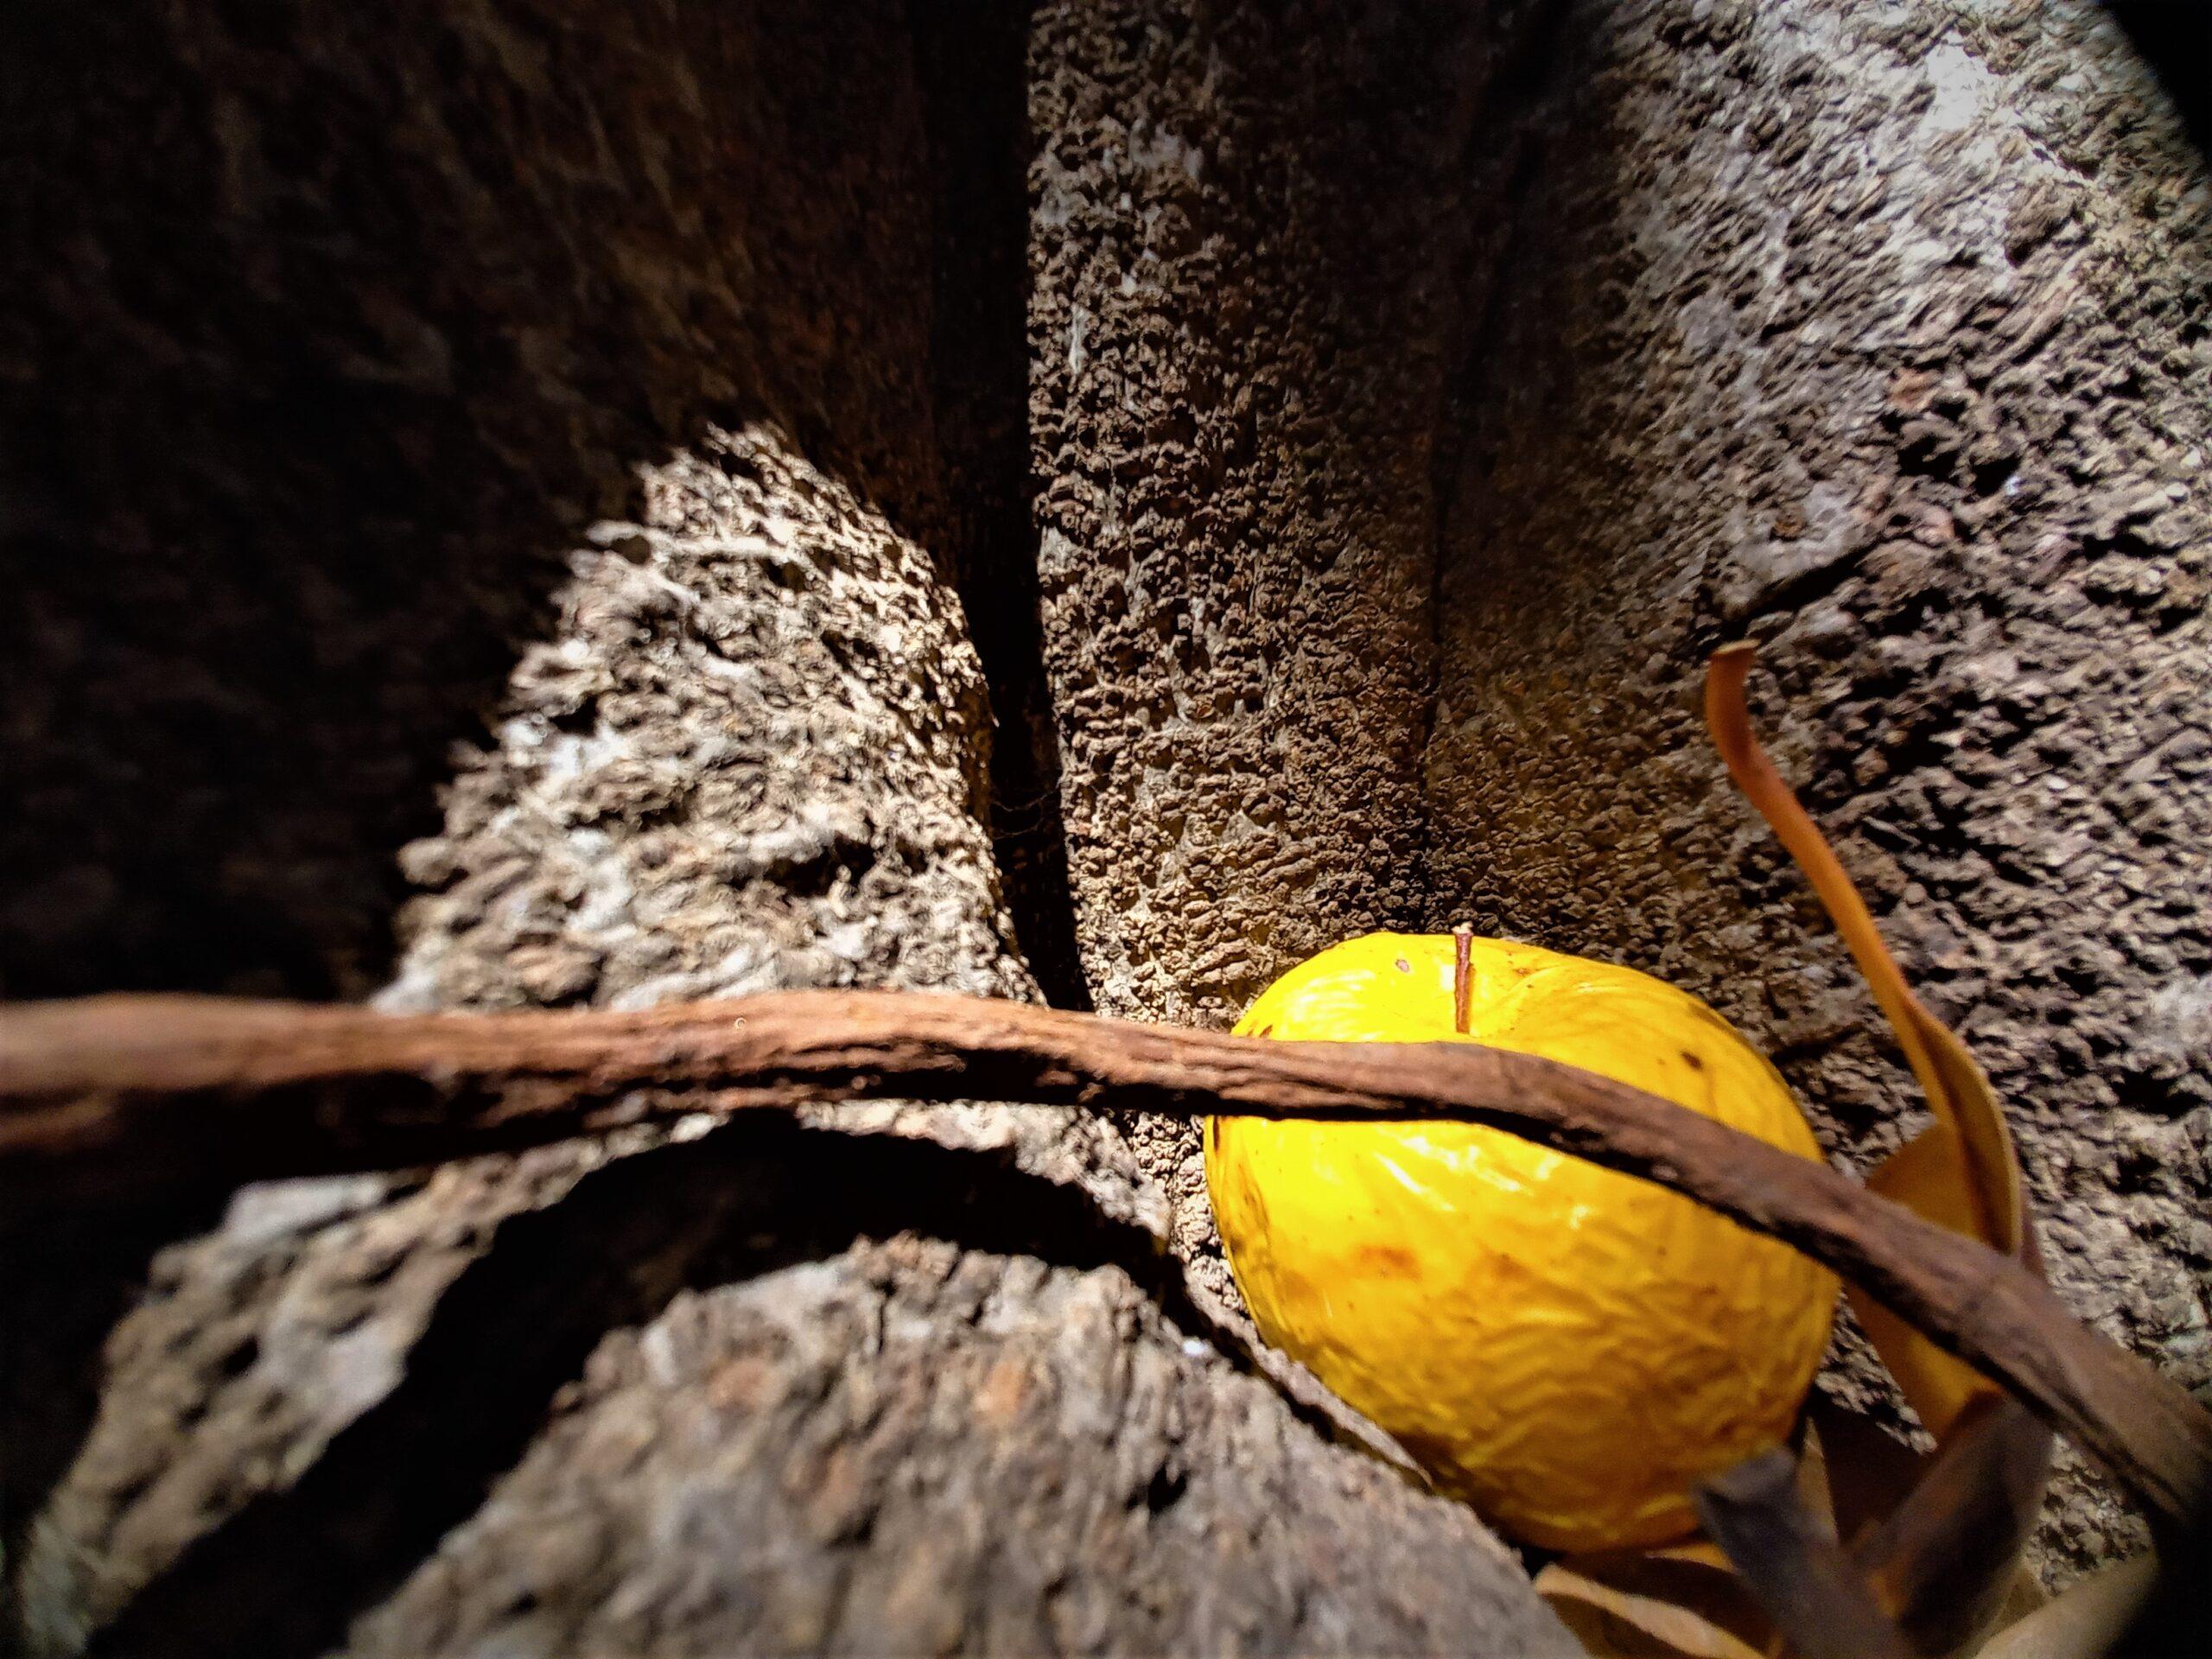 il segreto della mela sicily contemporary artist